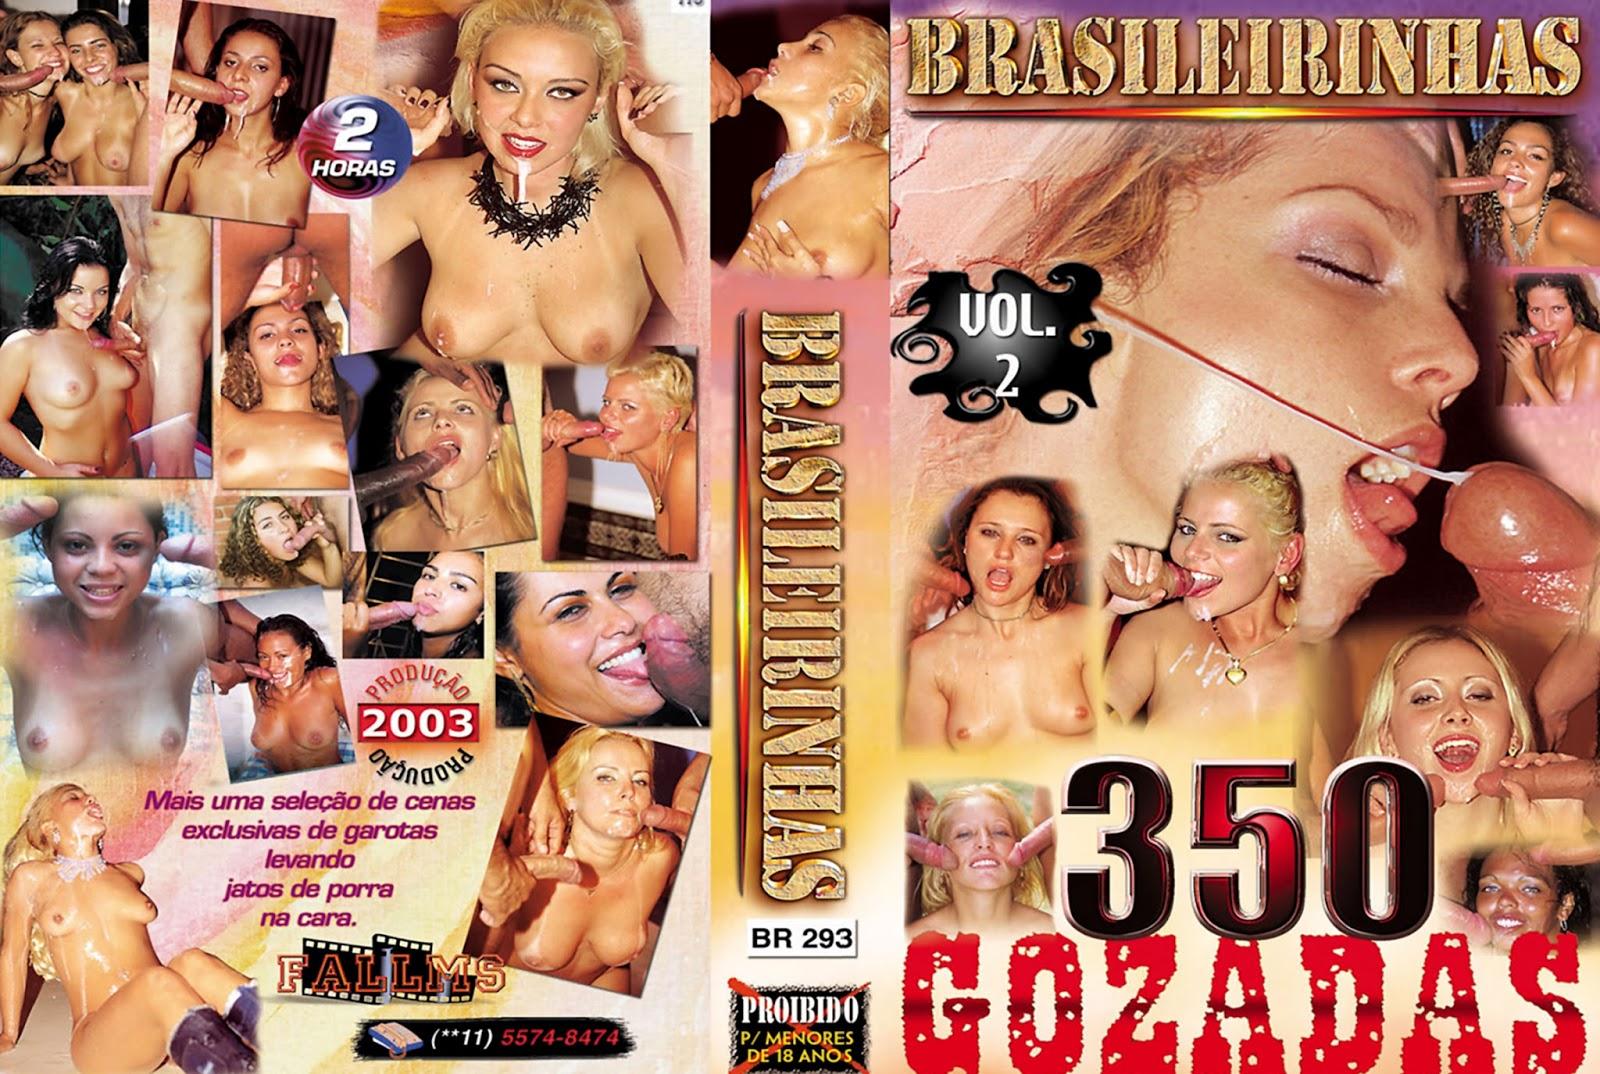 Brasileirinhas 350 Gozadas Vol 2